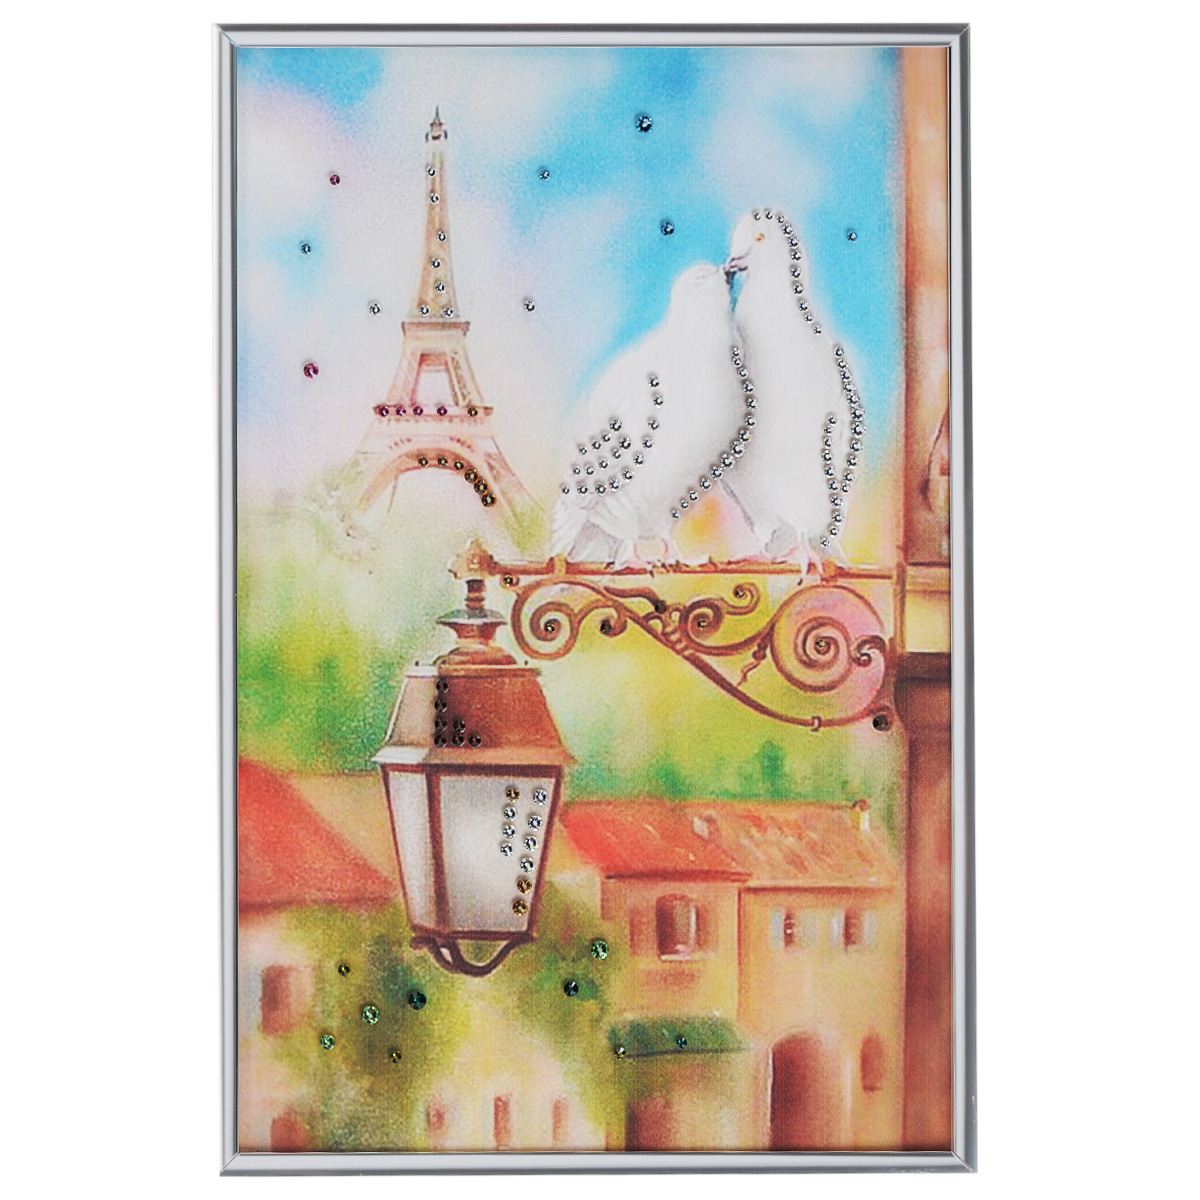 Картина с кристаллами Swarovski Голуби в Париже, 20 см х 30 см97526Изящная картина в металлической раме, инкрустирована кристаллами Swarovski, которые отличаются четкой и ровной огранкой, ярким блеском и чистотой цвета. Красочное изображение двух голубей на фоне Эйфелевой башни, расположенное под стеклом, прекрасно дополняет блеск кристаллов. С обратной стороны имеется металлическая петелька для размещения картины на стене.Картина с кристаллами Swarovski Голуби в Париже элегантно украсит интерьер дома или офиса, а также станет прекрасным подарком, который обязательно понравится получателю. Блеск кристаллов в интерьере, что может быть сказочнее и удивительнее. Картина упакована в подарочную картонную коробку синего цвета и комплектуется сертификатом соответствия Swarovski.